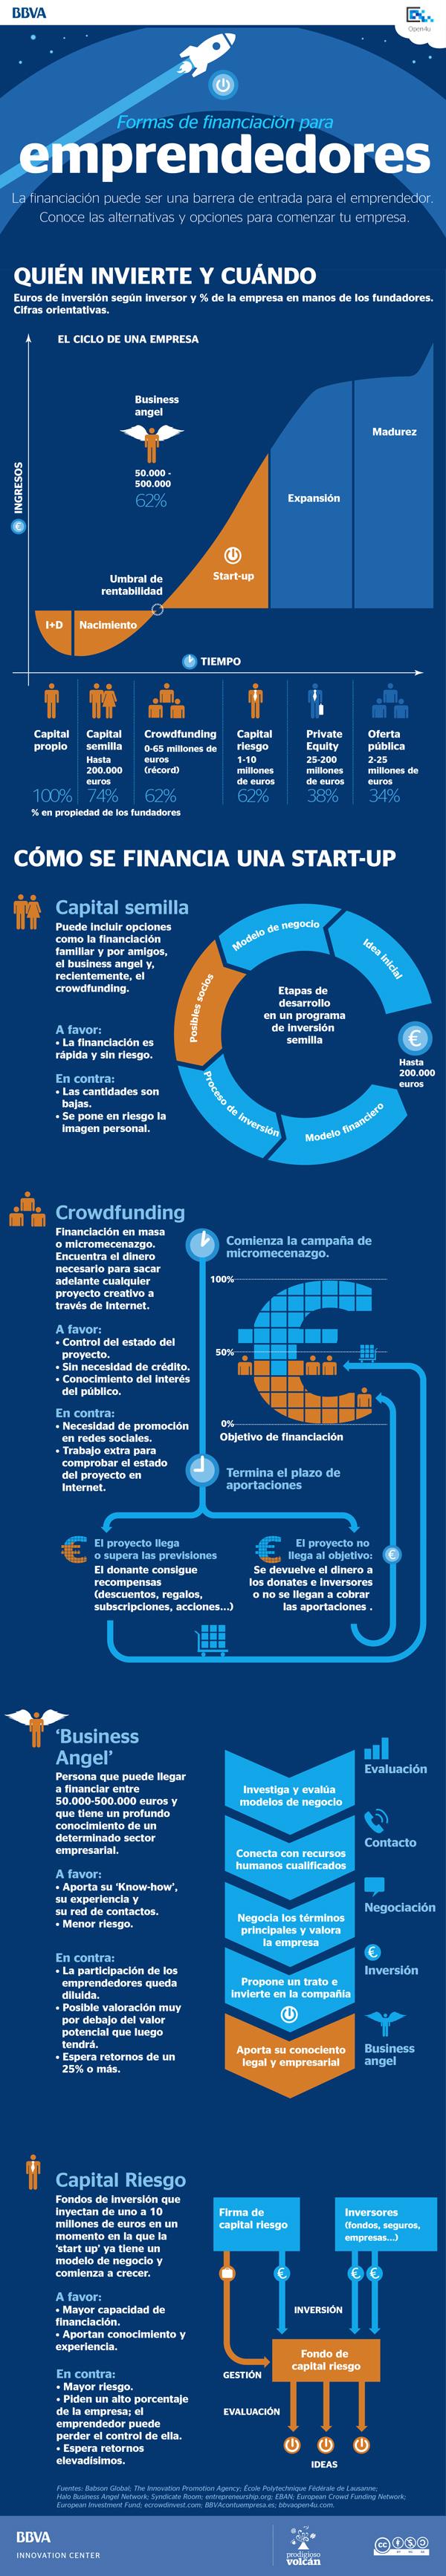 Infografía: Tipos de financiación para emprendedores